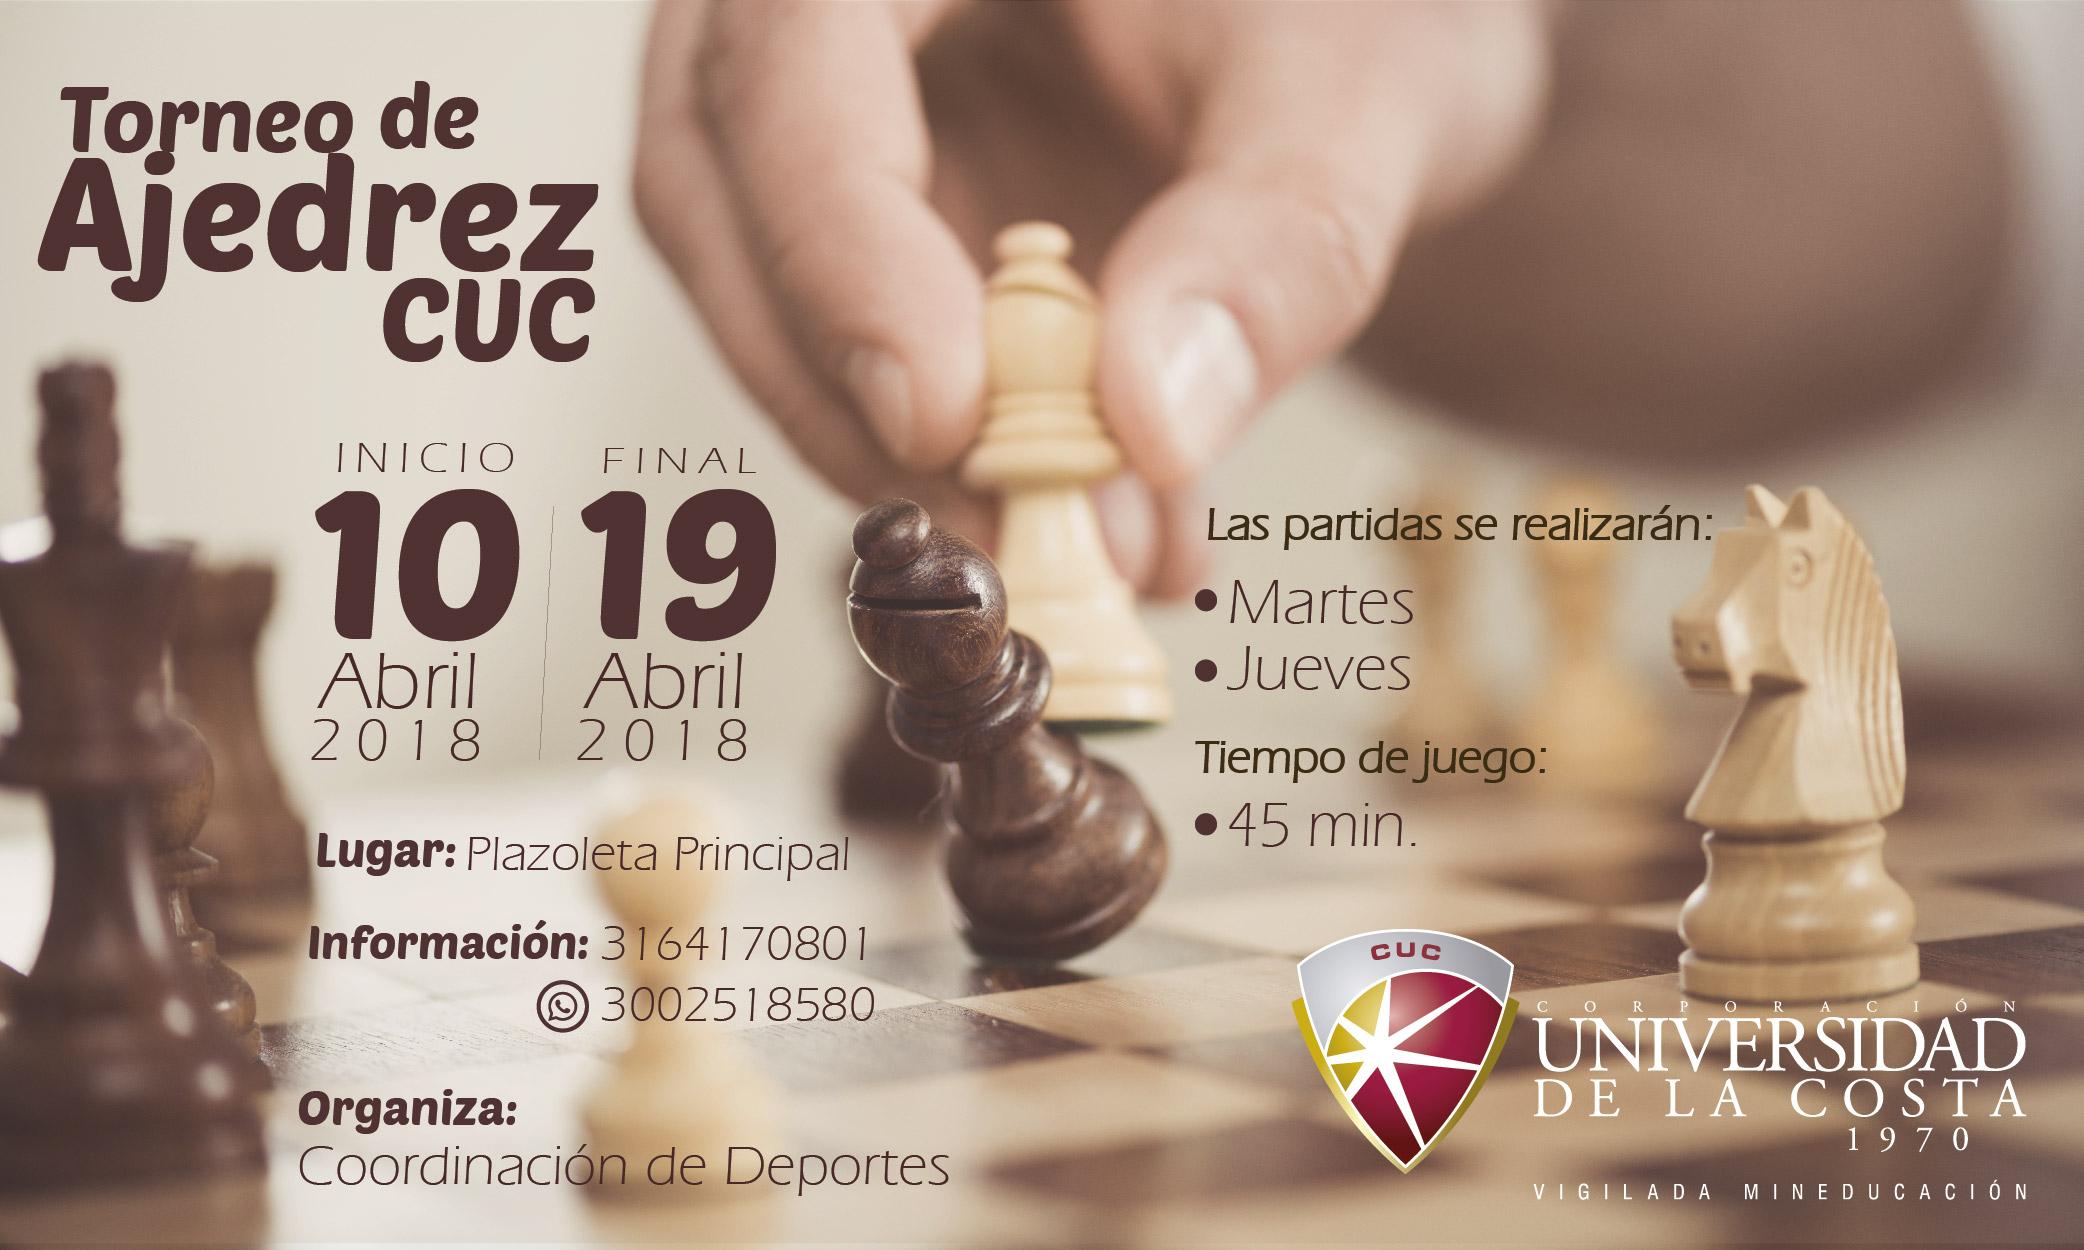 Torneo de ajedrez CUC